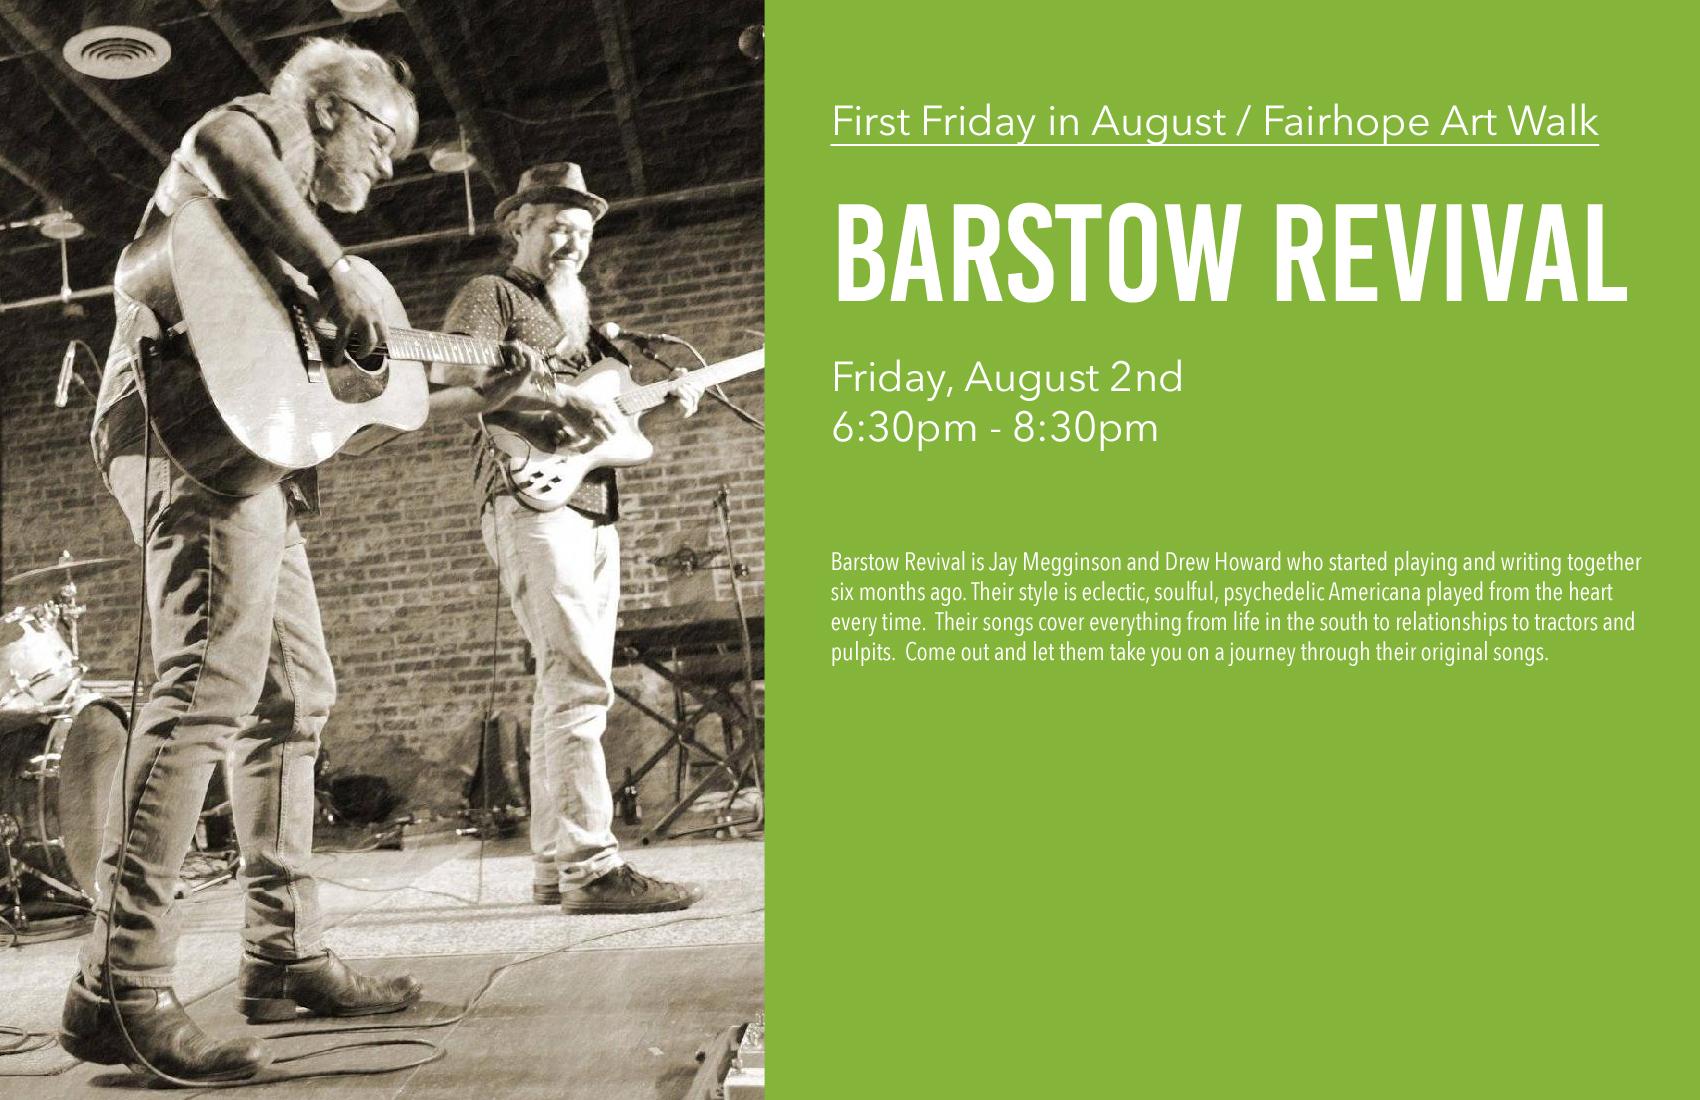 barstow revival.jpg